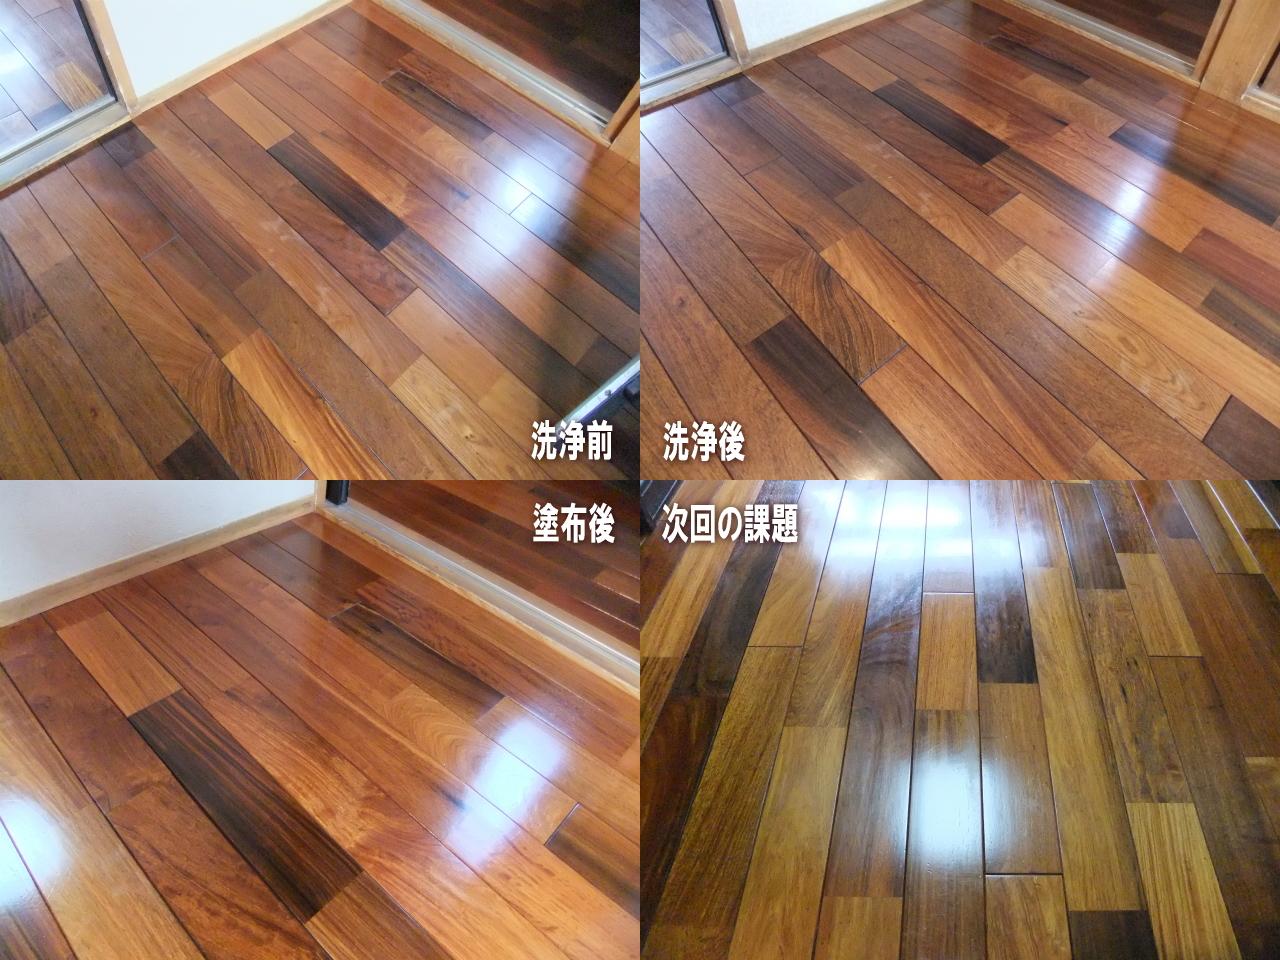 http://ajras.net/images/120430-aurowax.jpg